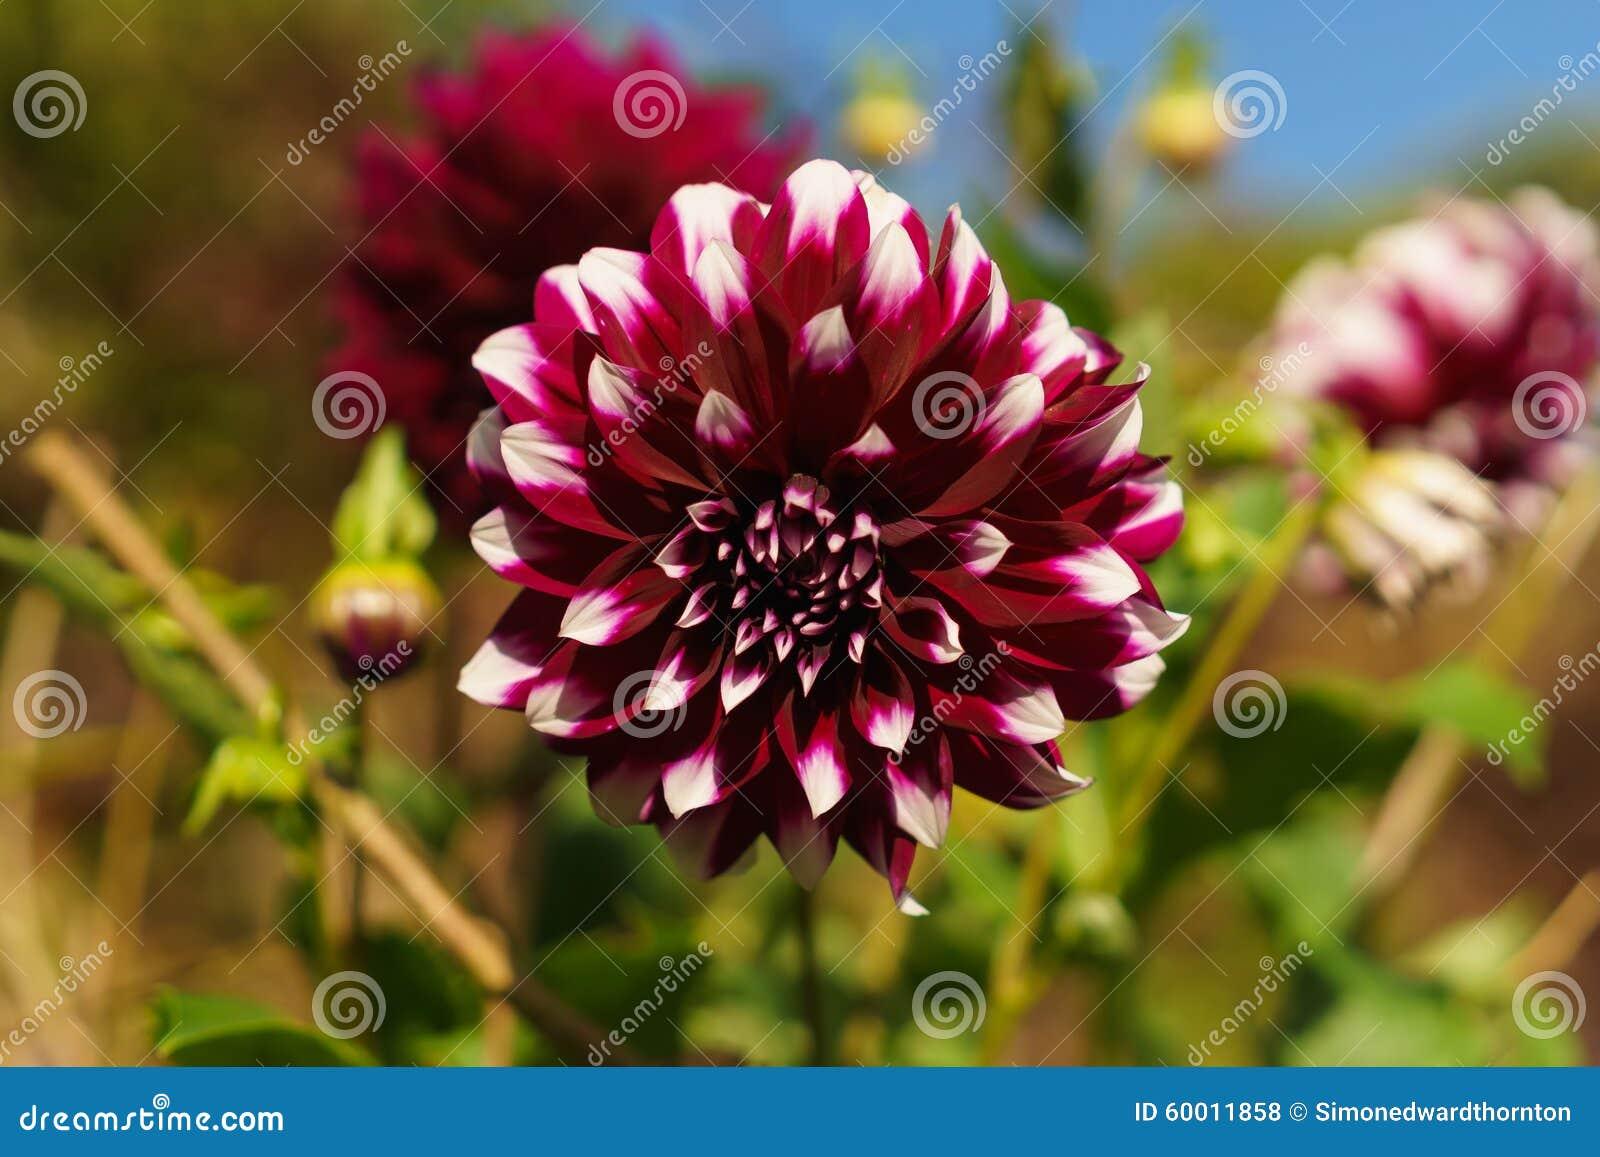 Fleur rouge et blanche en fleur